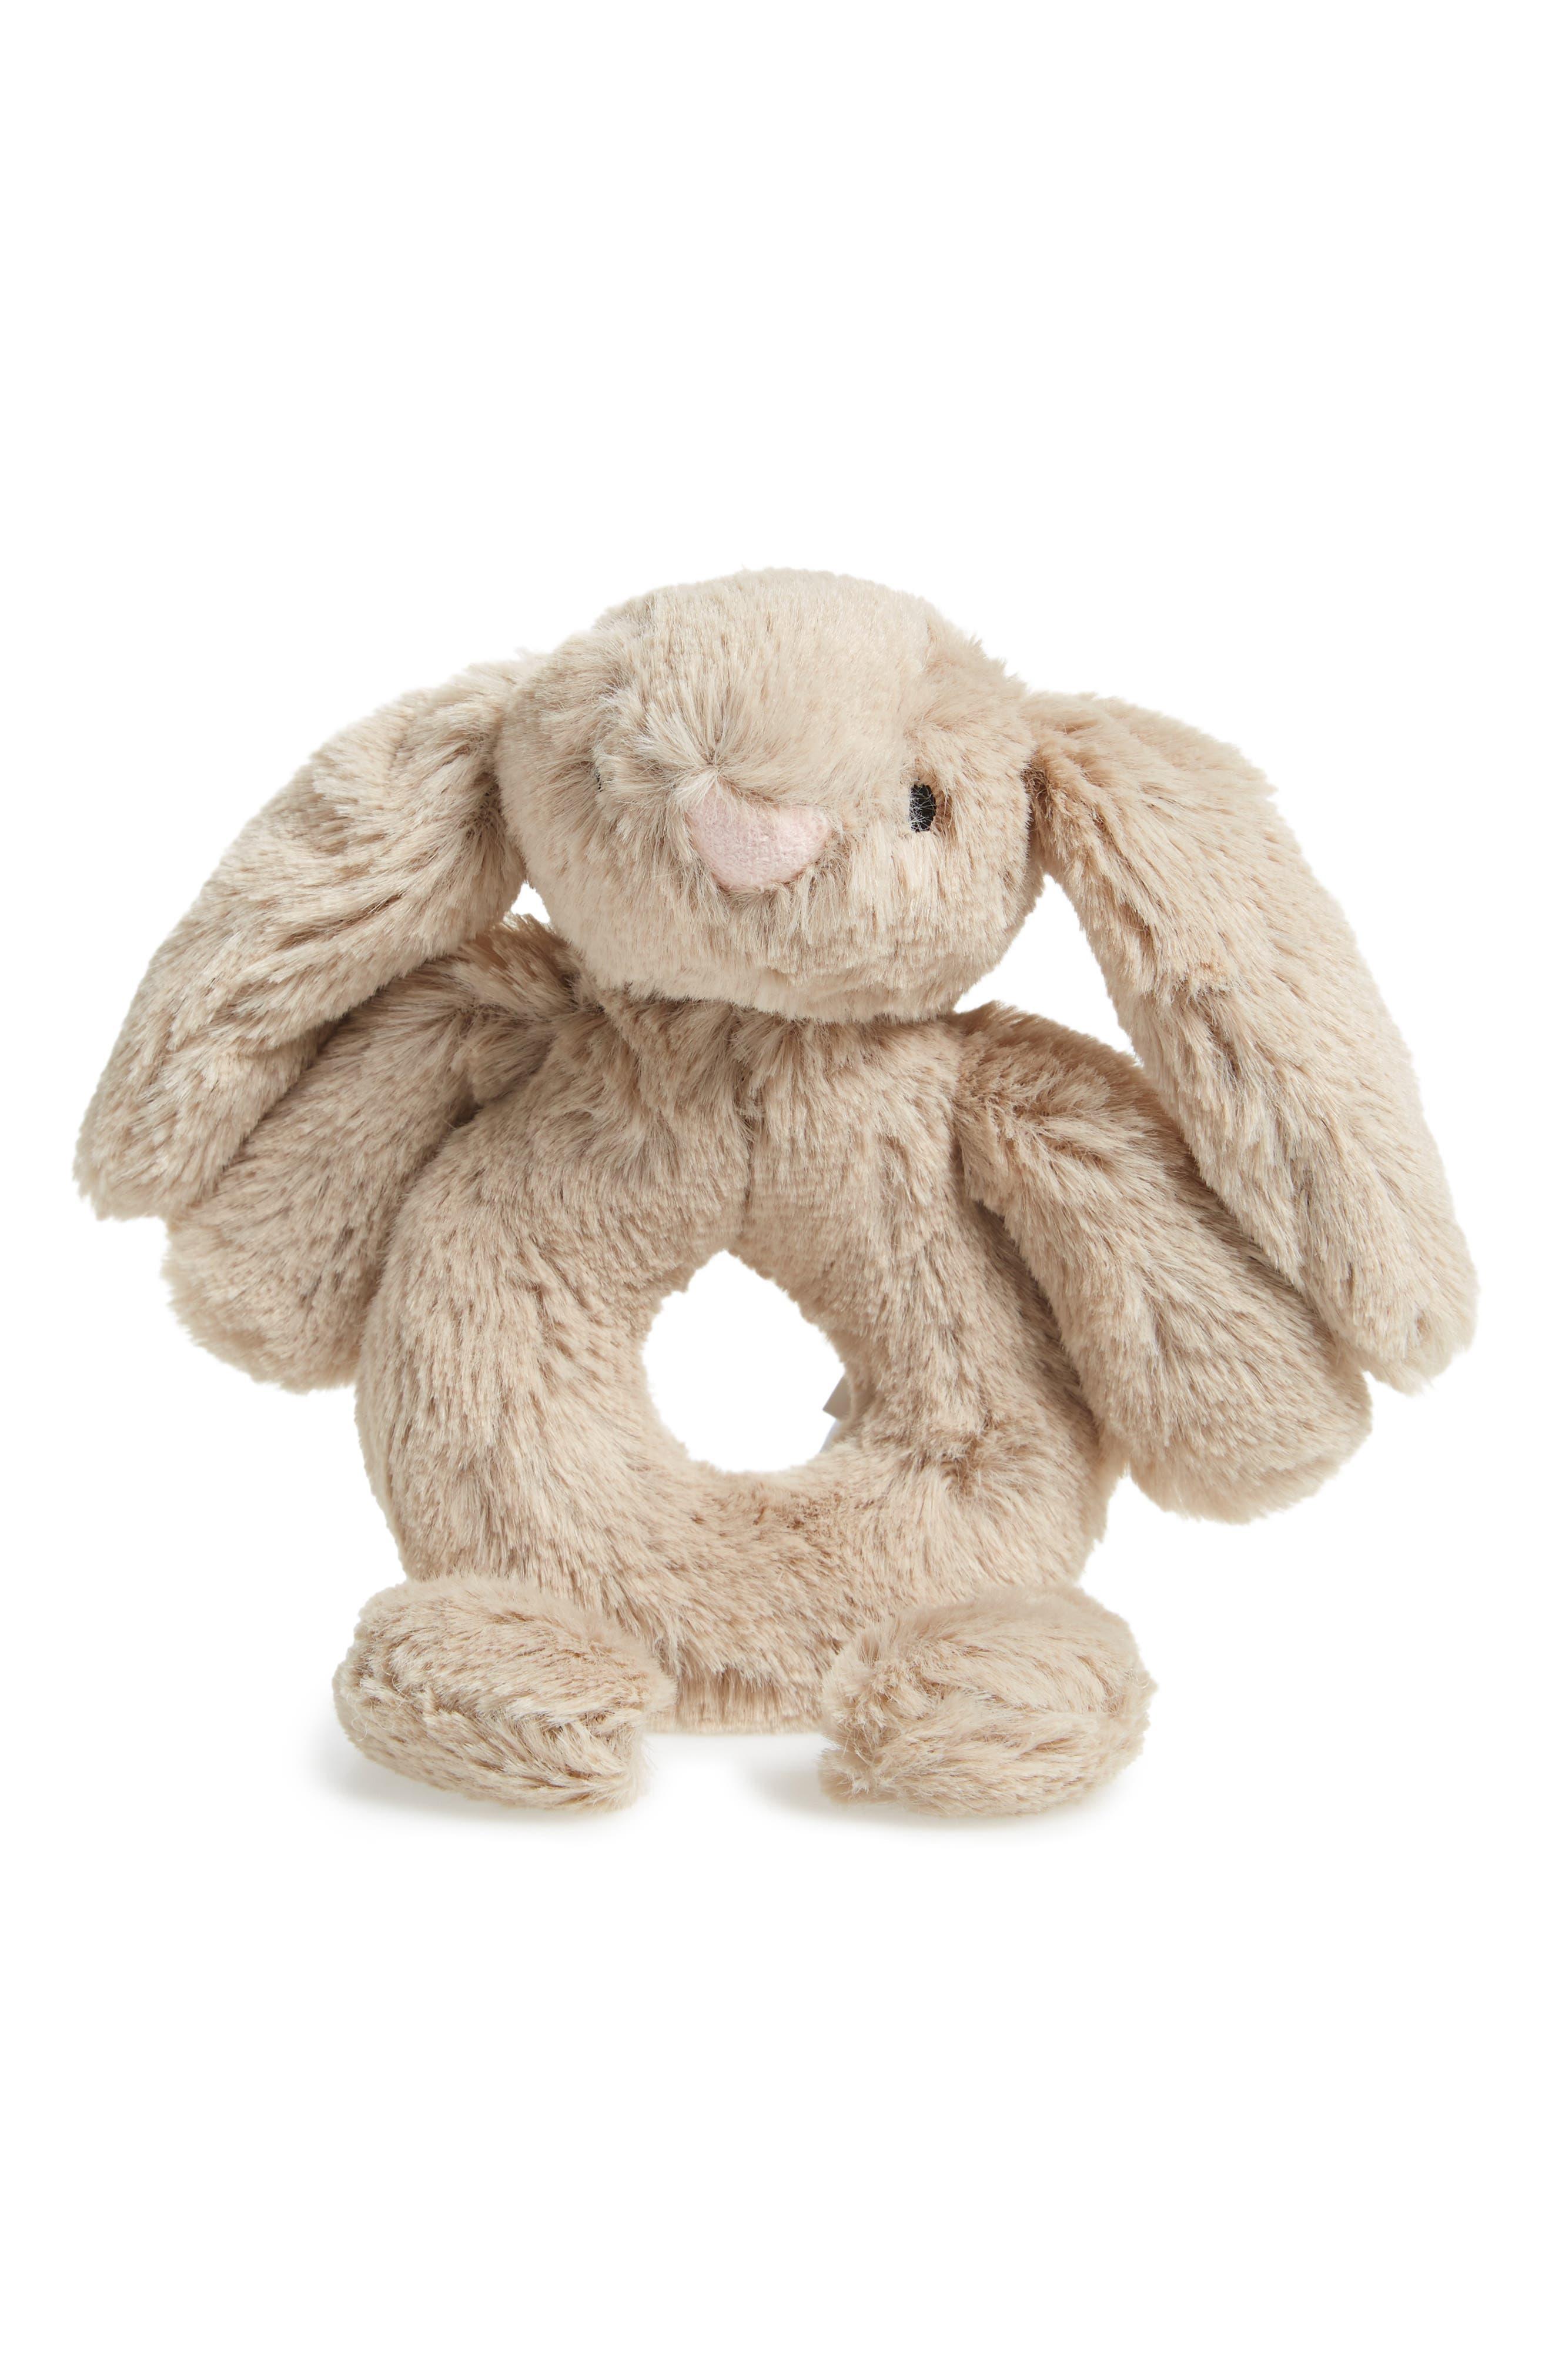 'Bashful Bunny' Grabber Rattle,                         Main,                         color, BEIGE